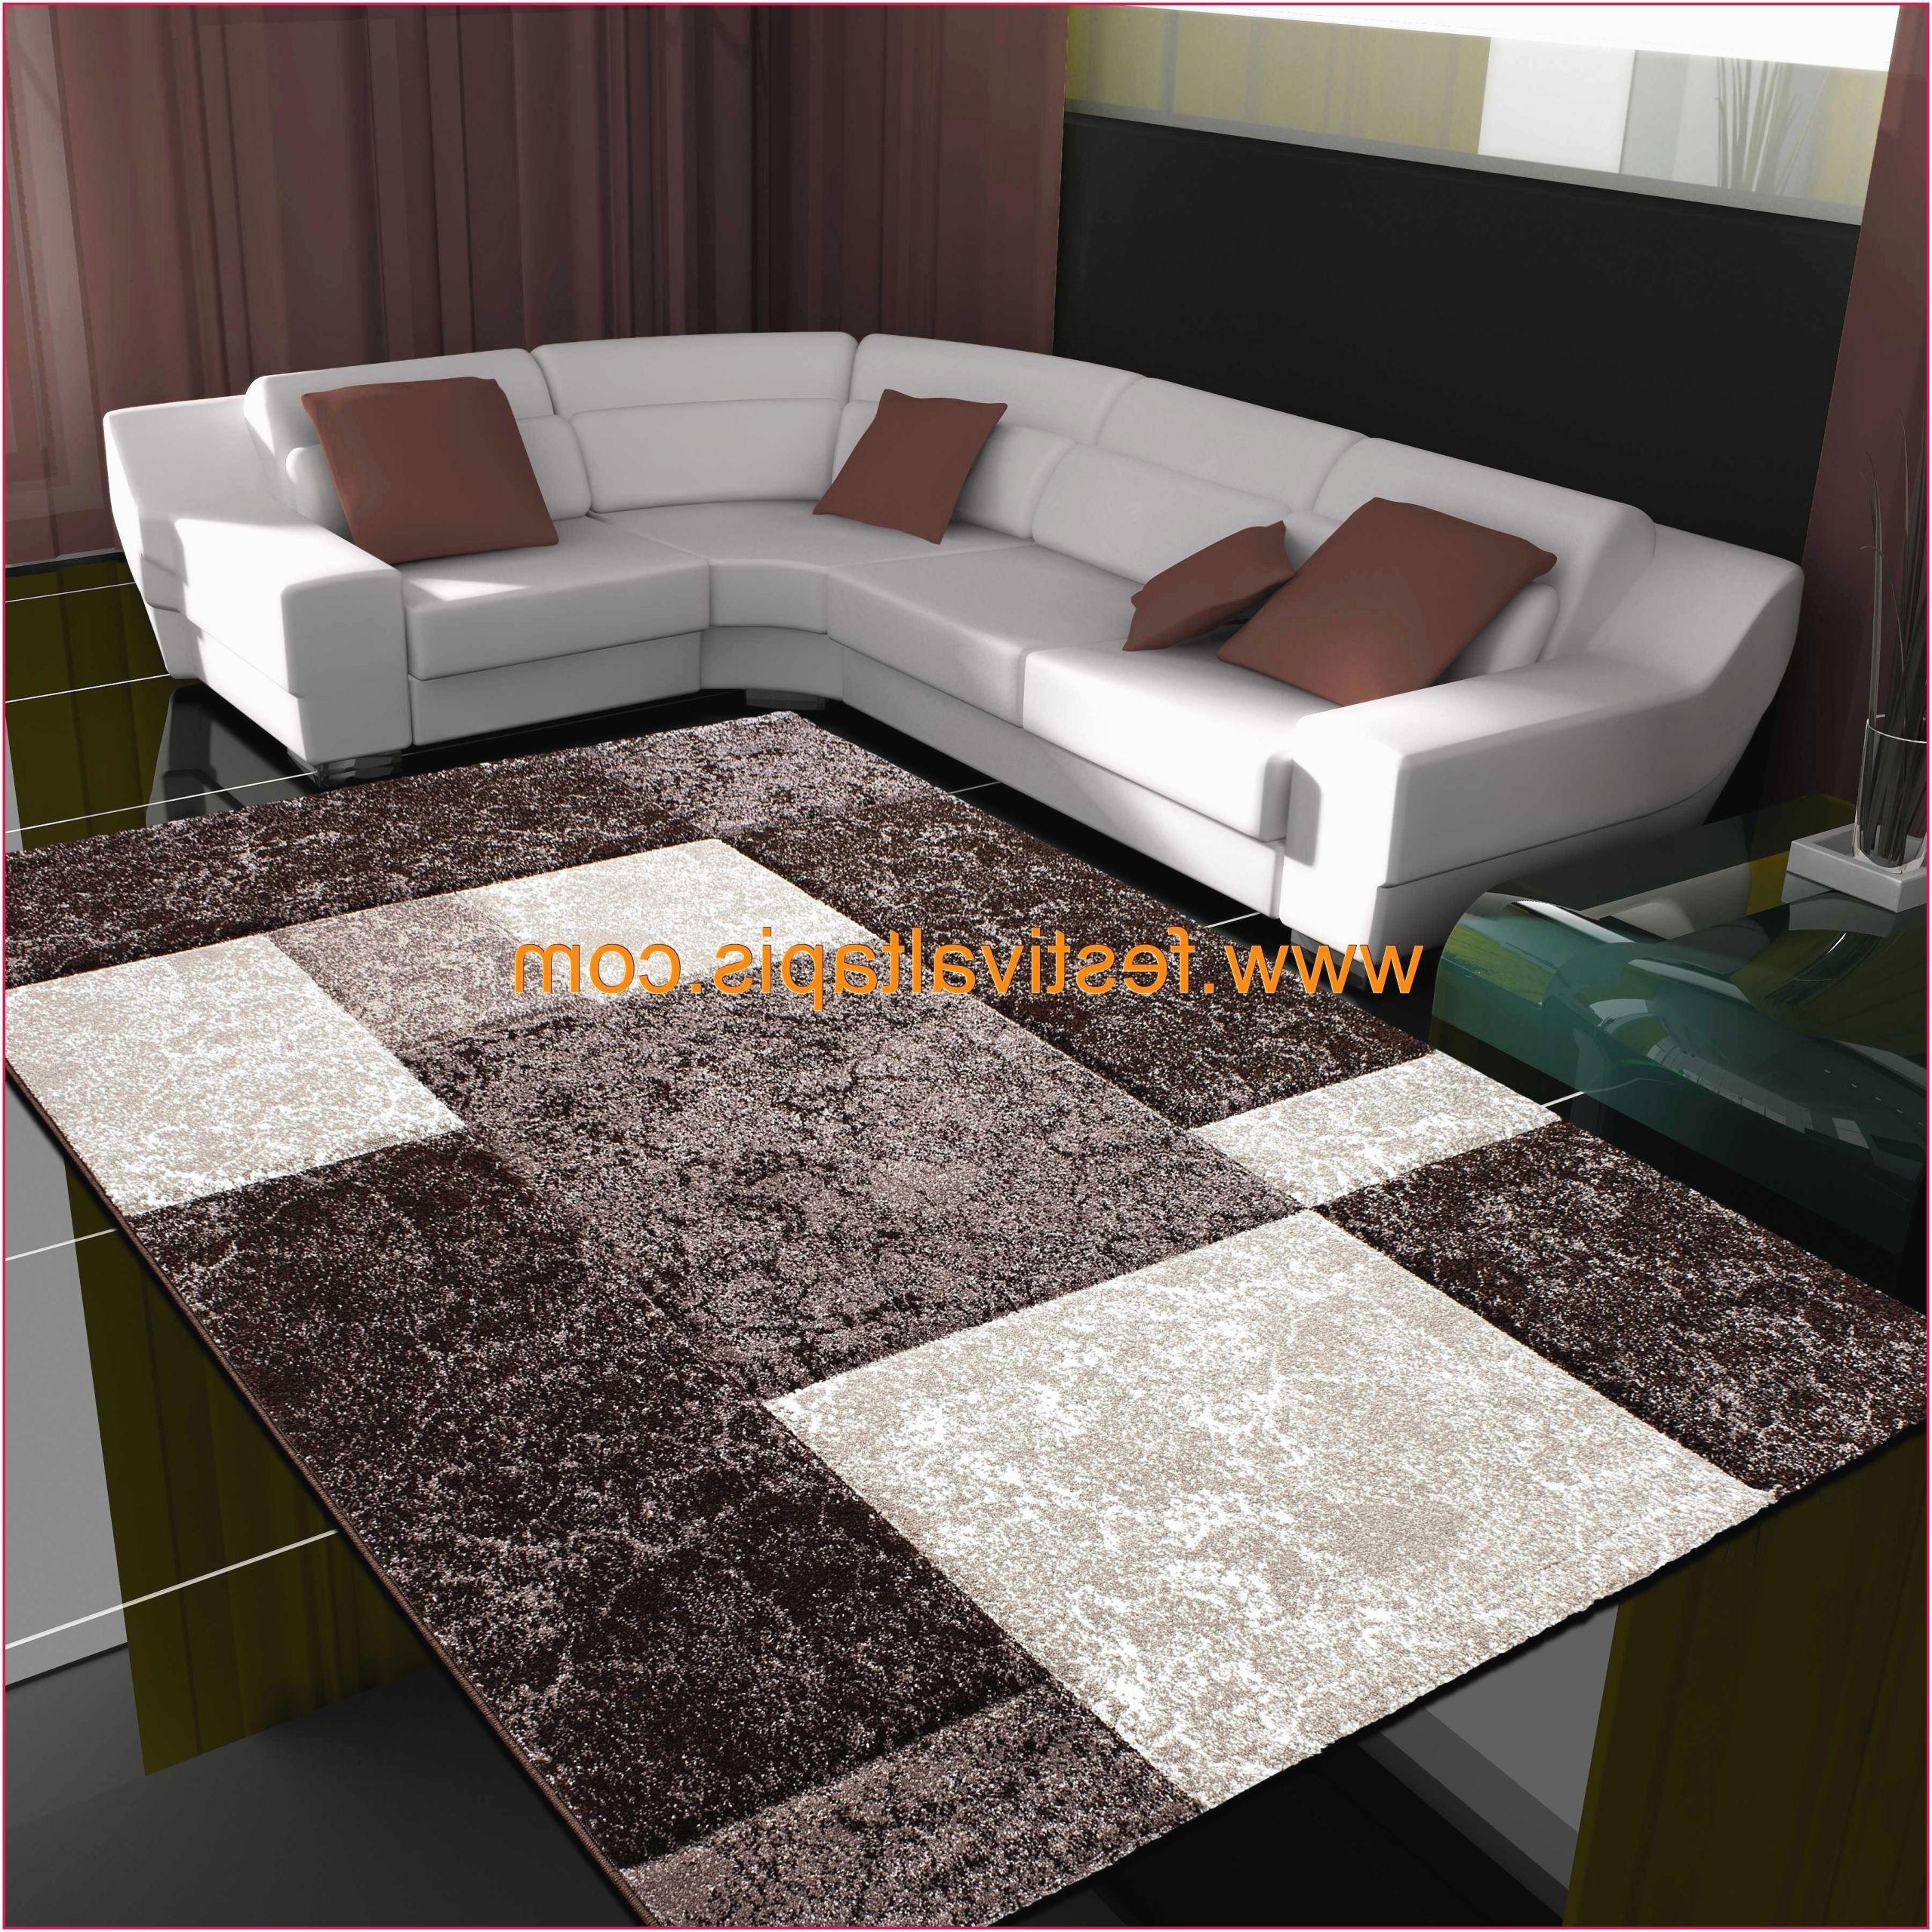 meuble de sejour meuble bas sejour salon du meuble nouveau conforama meuble salon of meuble de sejour